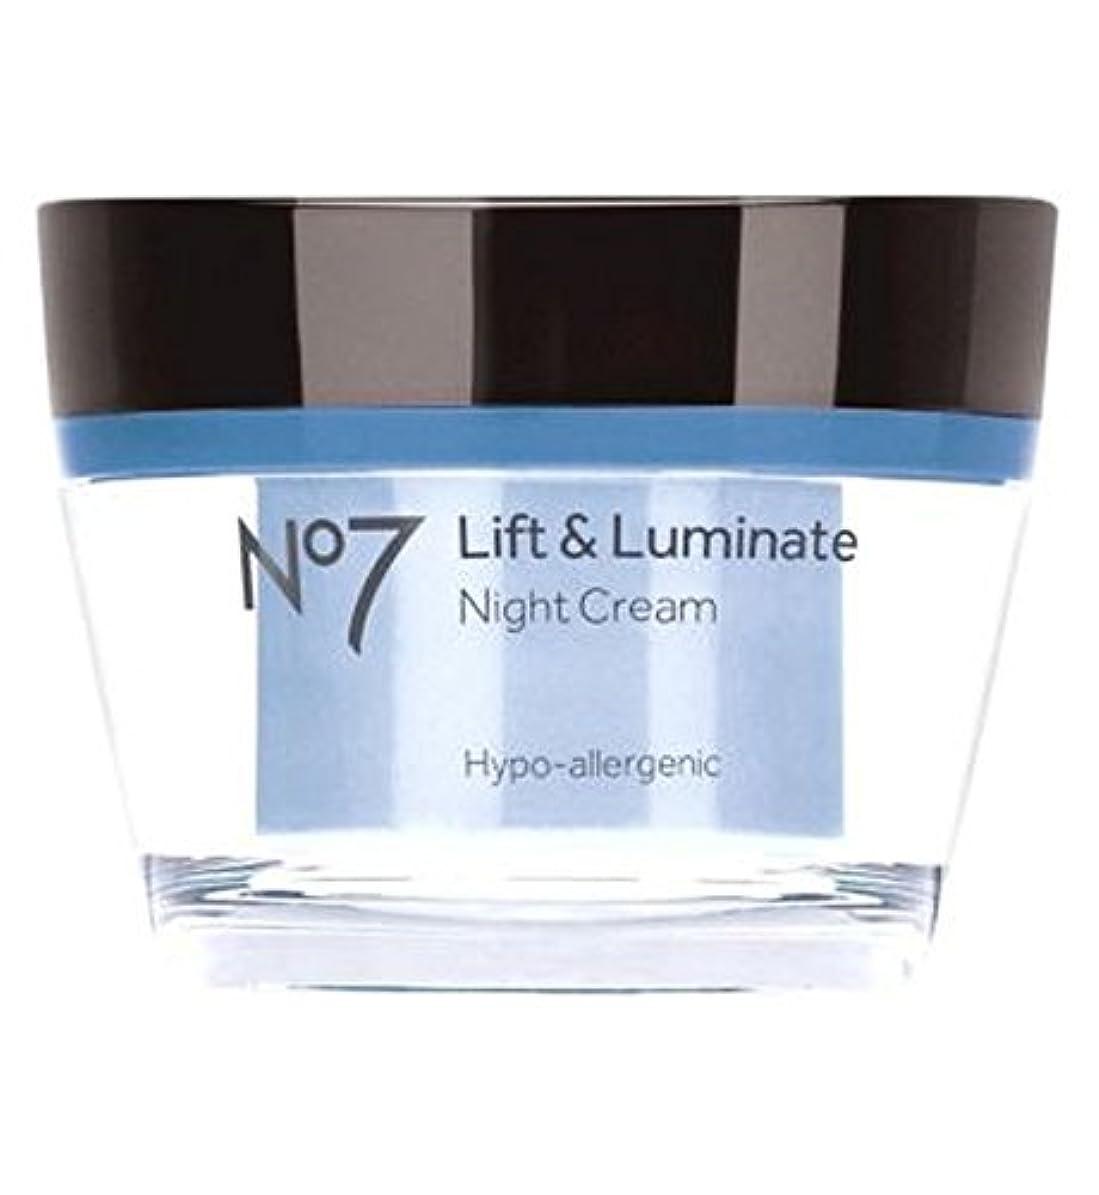 たらい魔術師オーバーフローNo7リフト&Luminateナイトクリーム (No7) (x2) - No7 Lift & Luminate Night Cream (Pack of 2) [並行輸入品]